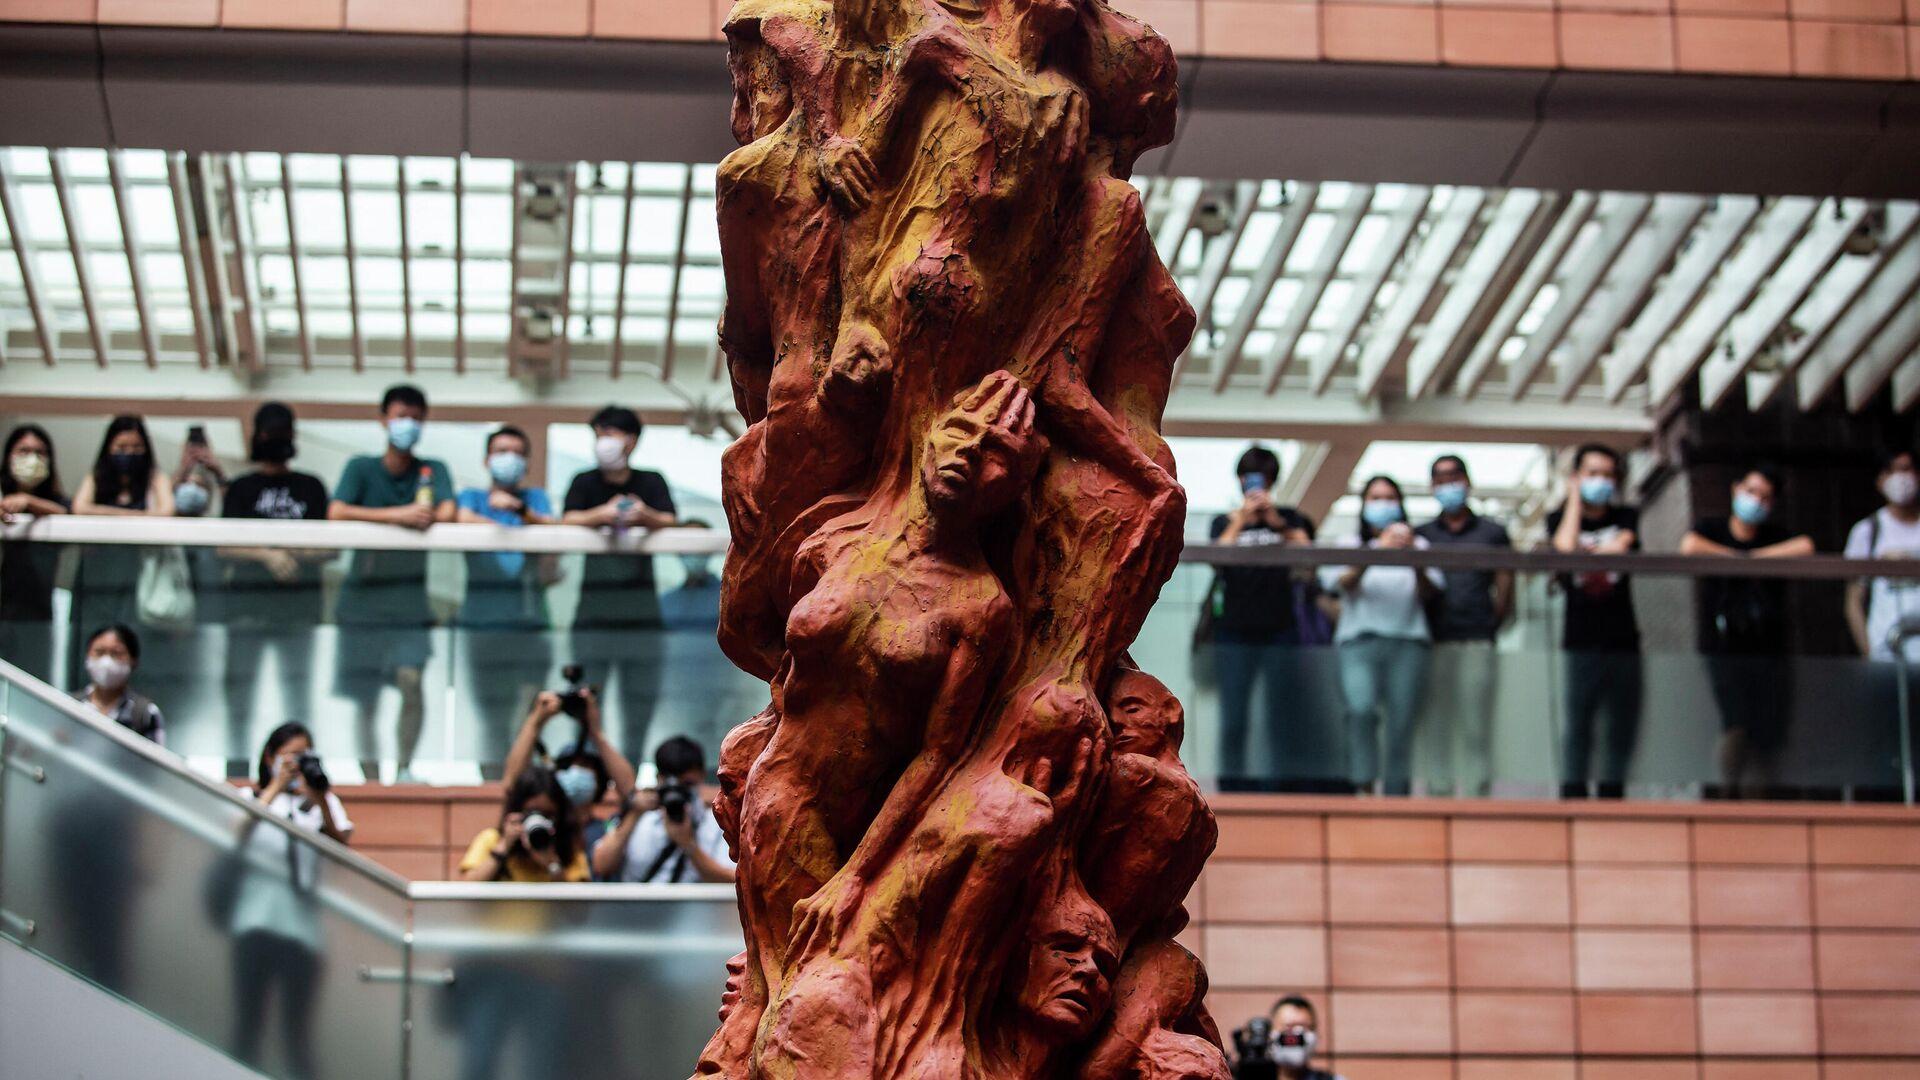 Die Säule der Schande:  Skulptur zur Erinnerung an die Opfer der Niederschlagung der Massenproteste auf dem Tiananmen-Platz in Peking 1989, die  auf dem Gelände der Universität von Hongkong aufgestellt ist - SNA, 1920, 09.10.2021